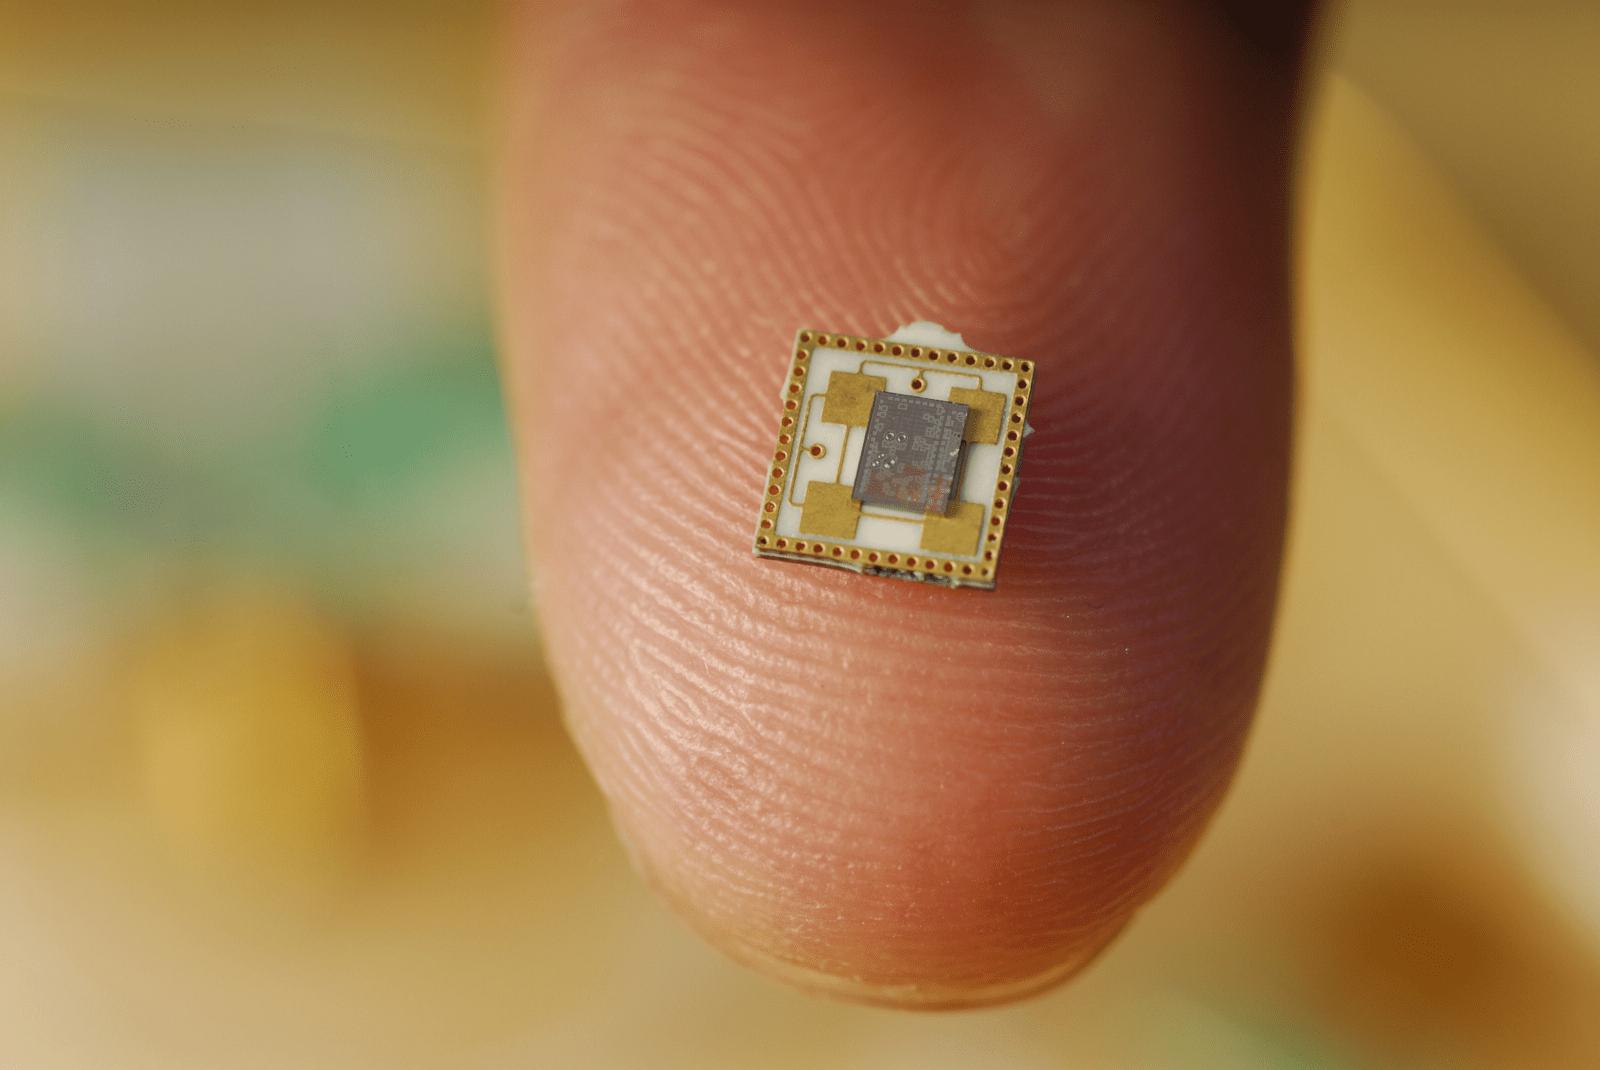 Chip de 7 nanômetros